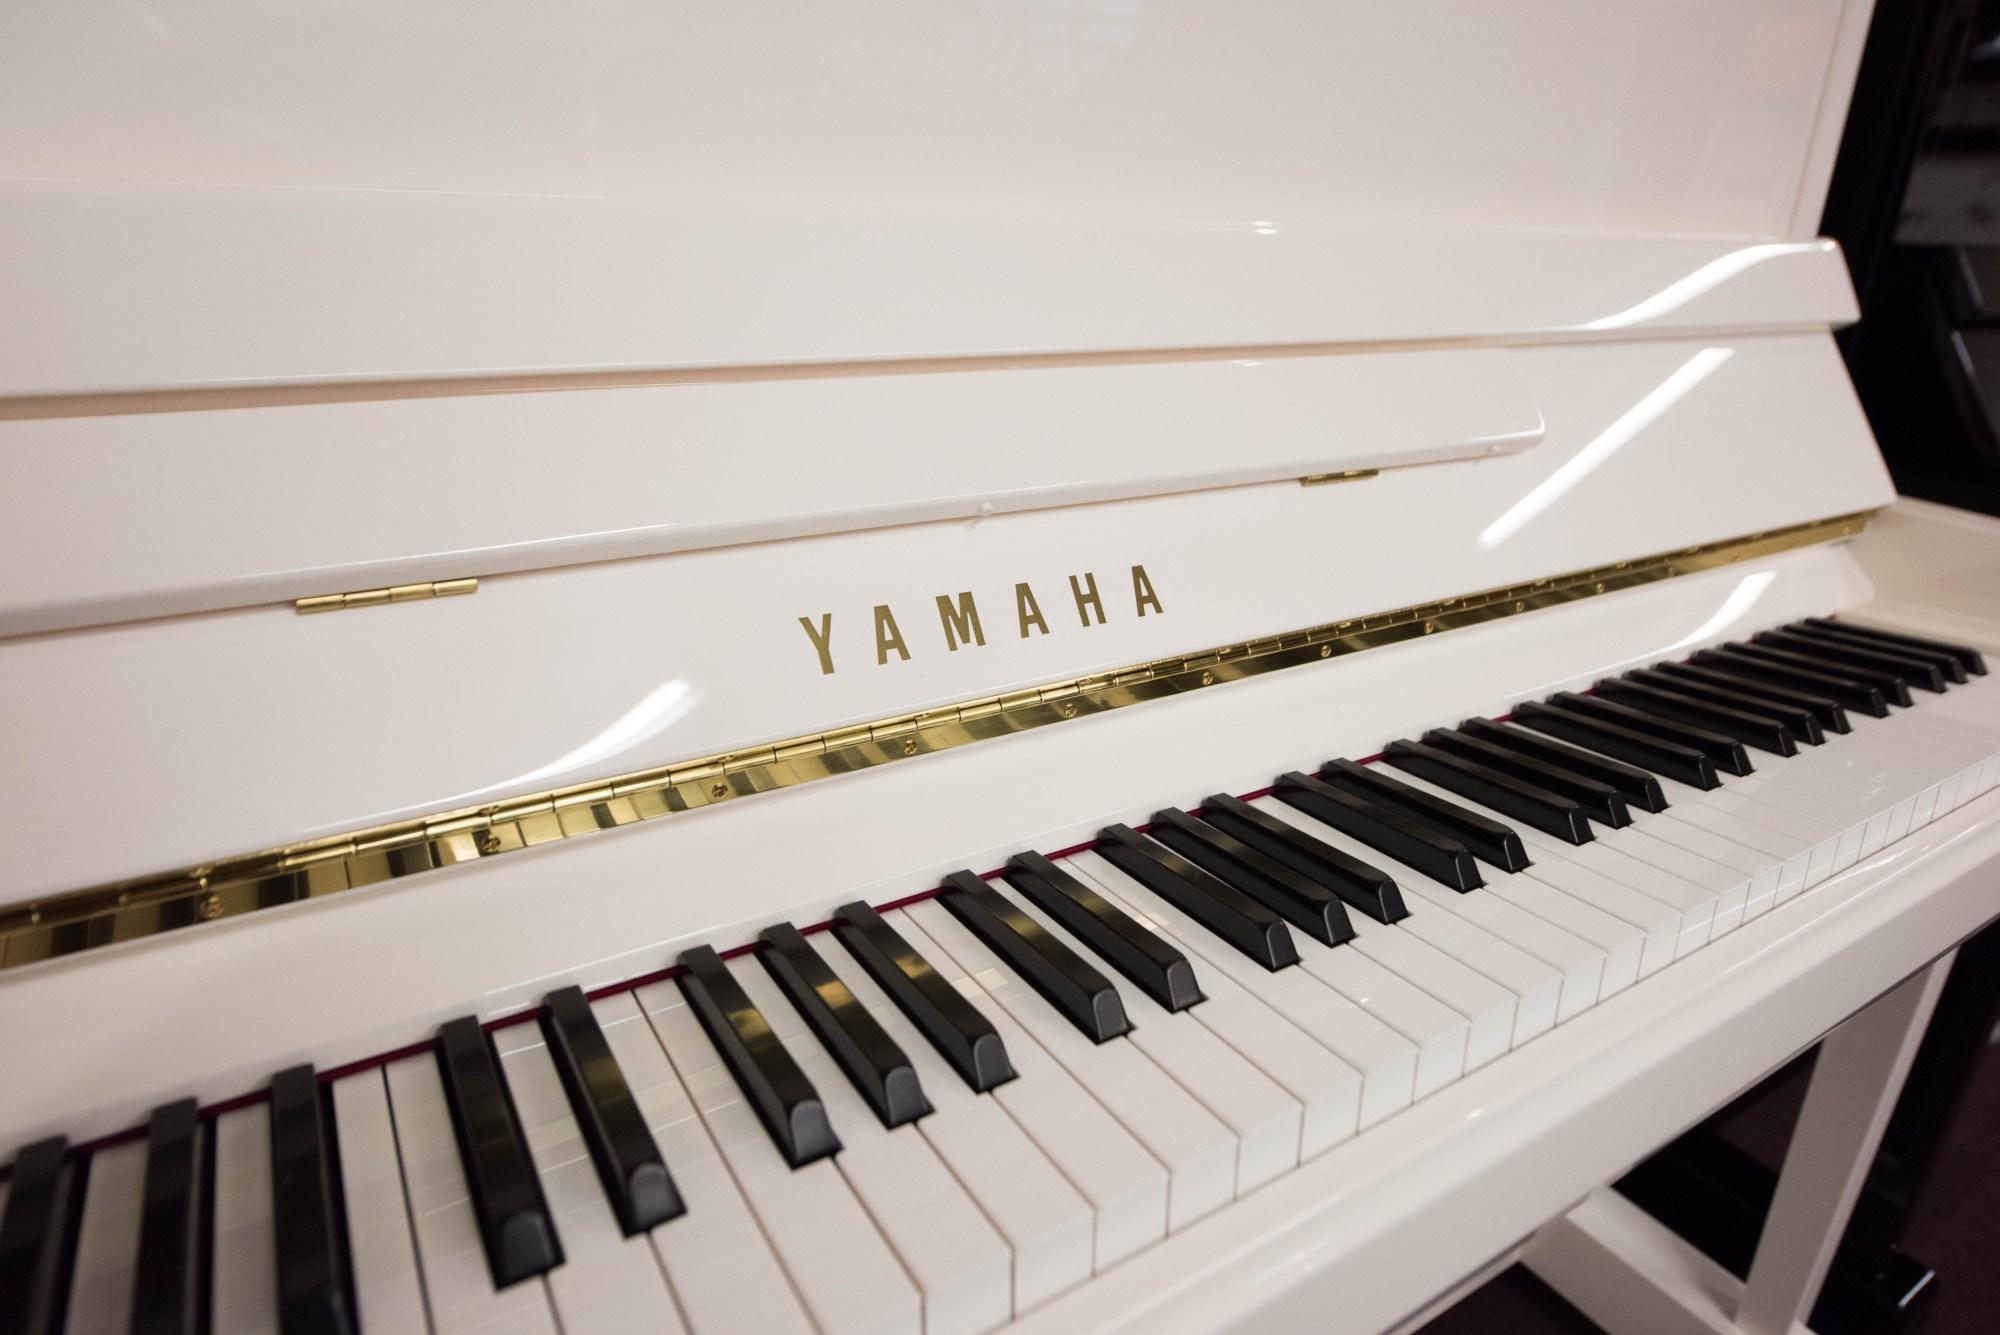 yamaha b3 weiss